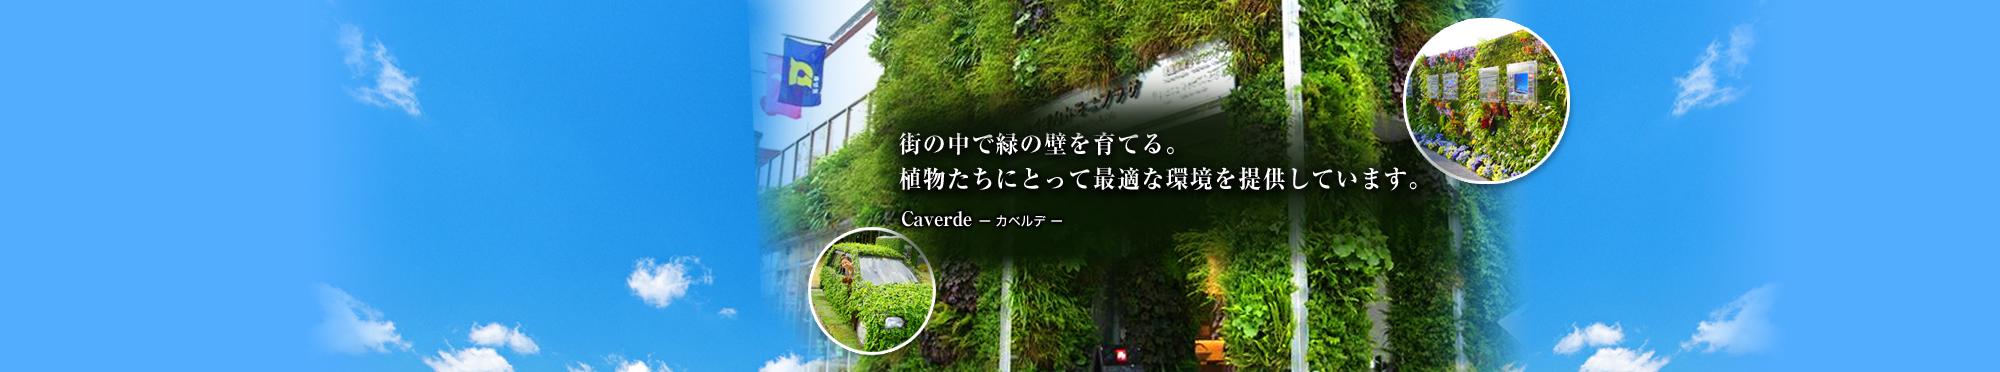 街の中で緑の壁を育てる。植物たちにとって最適な環境を提供しています。 Caverde-カベルデ-